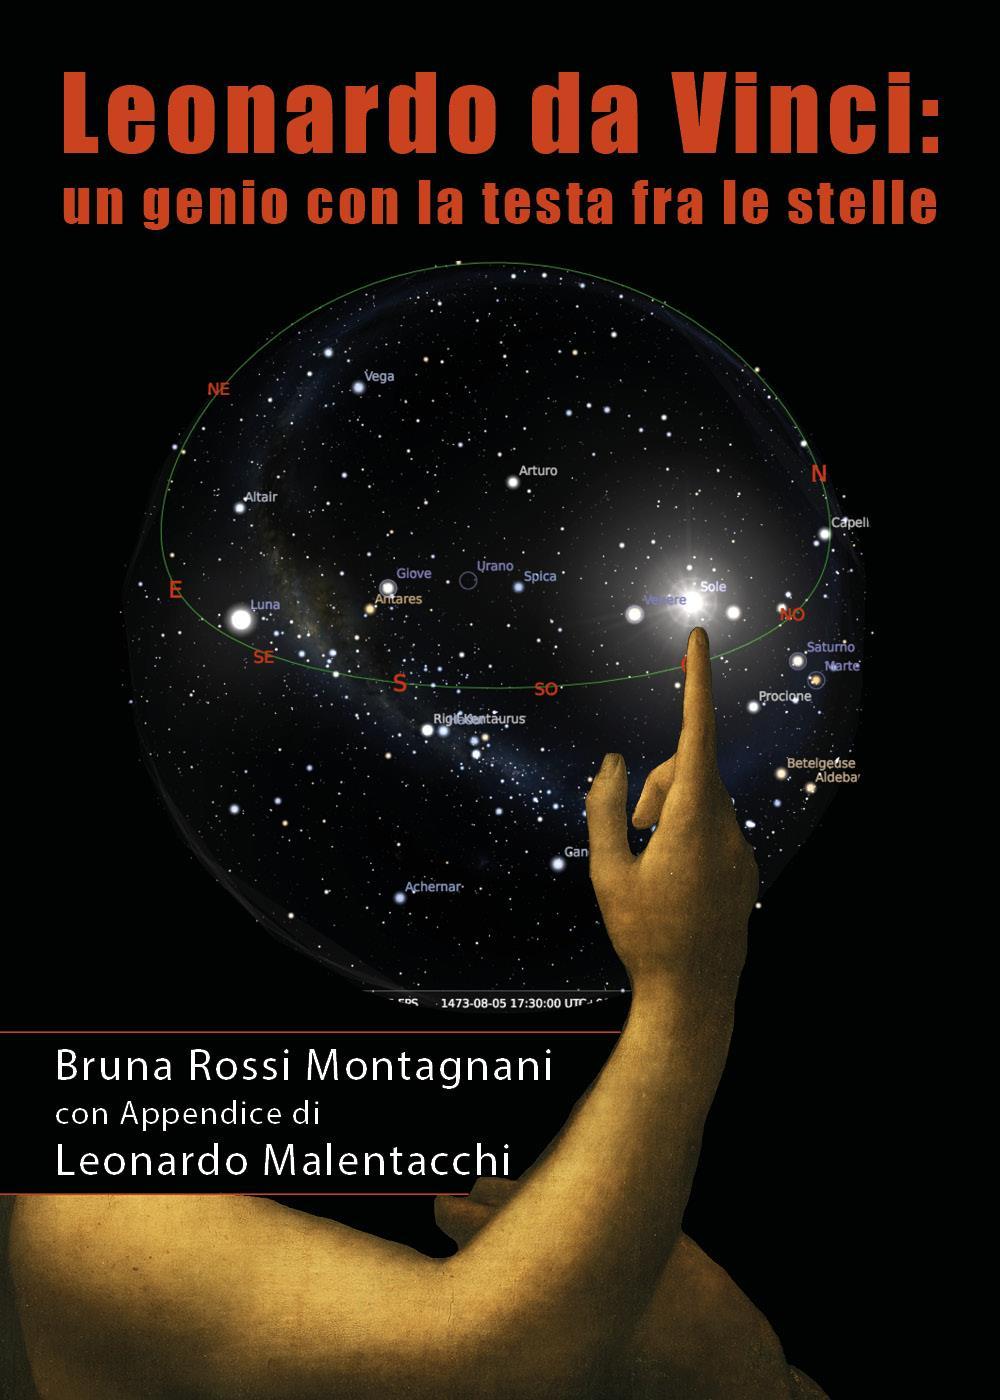 Leonardo da Vinci: un genio con la testa fra le stelle